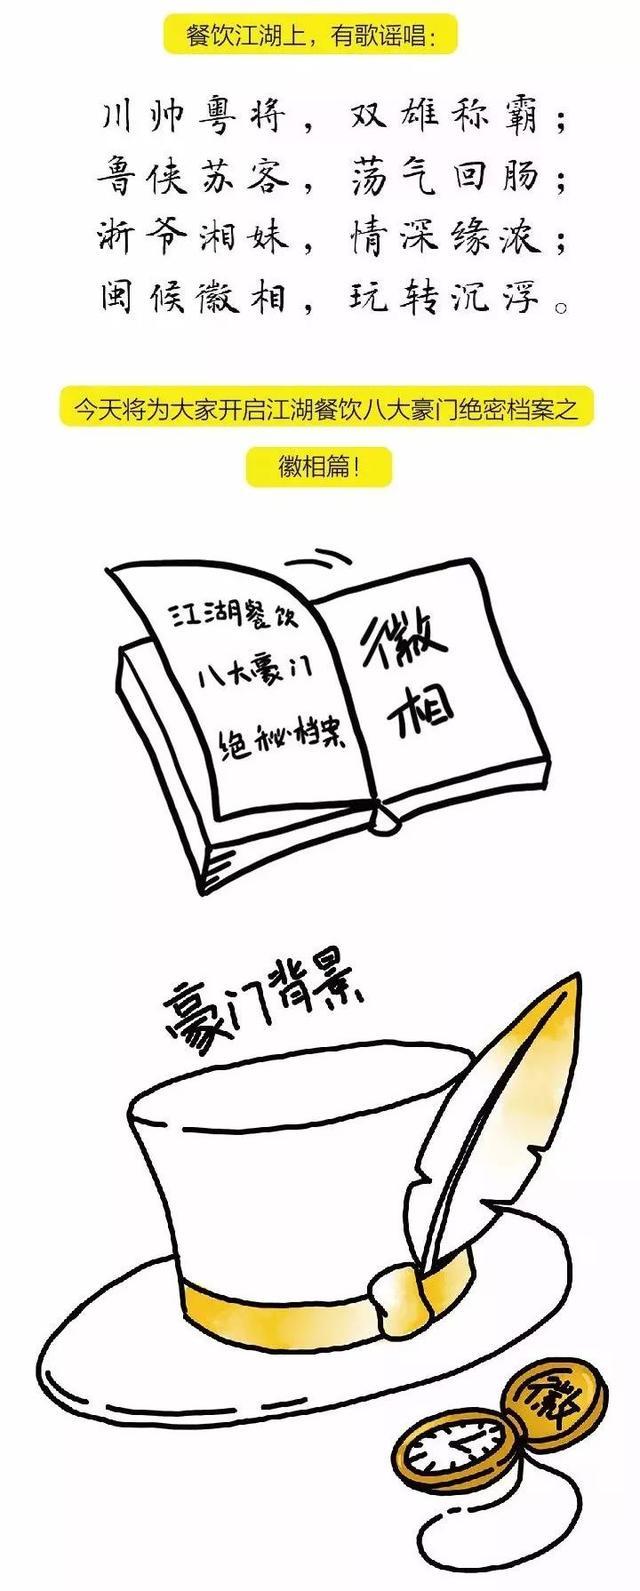 """揭秘中国餐饮八大菜系""""徽菜""""绝密档案 走进徽菜"""""""